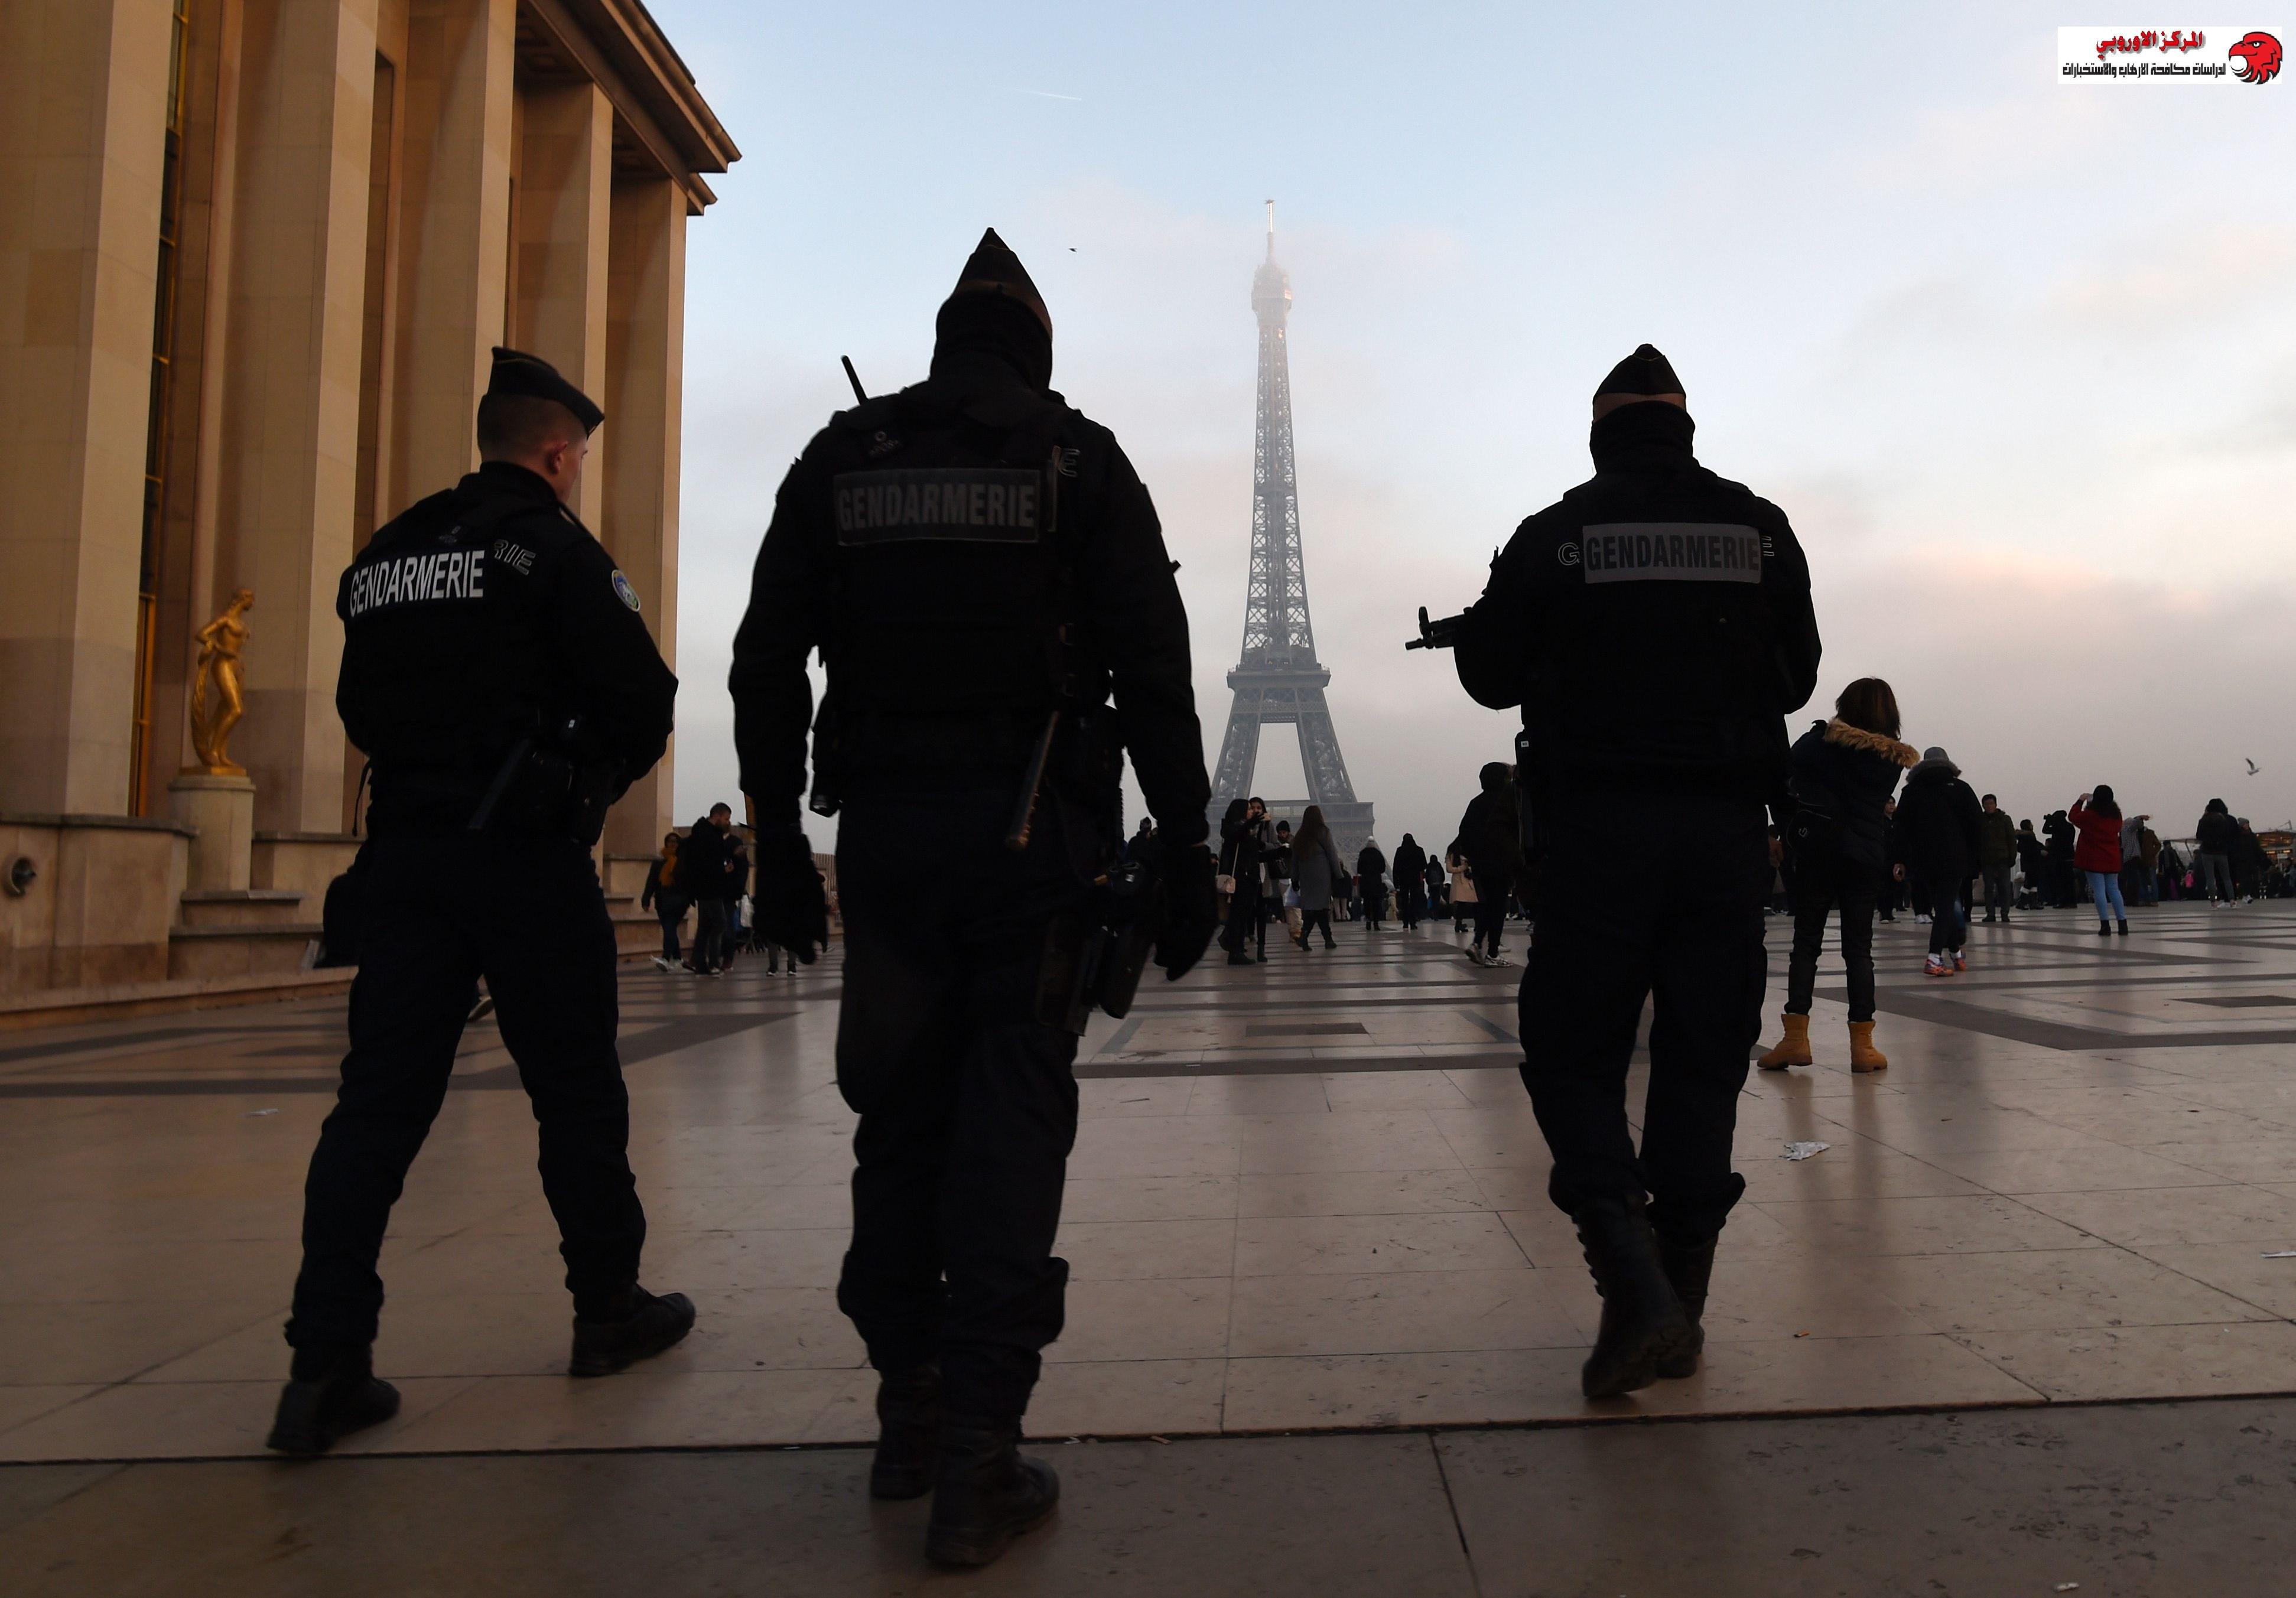 مكافحة الإرهاب.. تجفيف مصادر تمويل التنظيمات المتطرفة